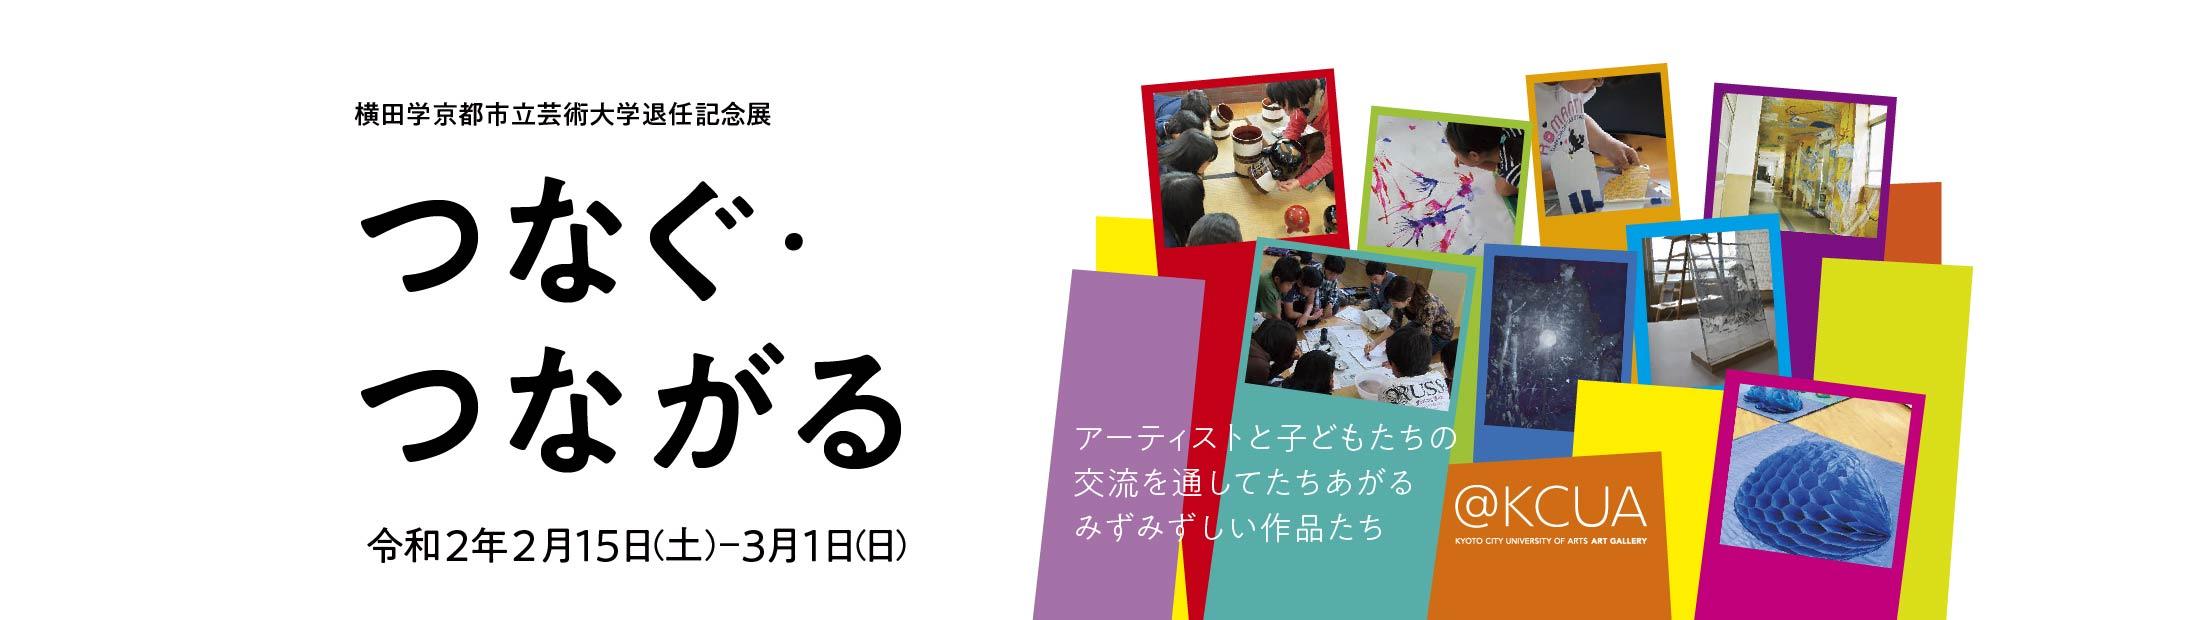 https://www.kcua.ac.jp/20200301_jigyo/